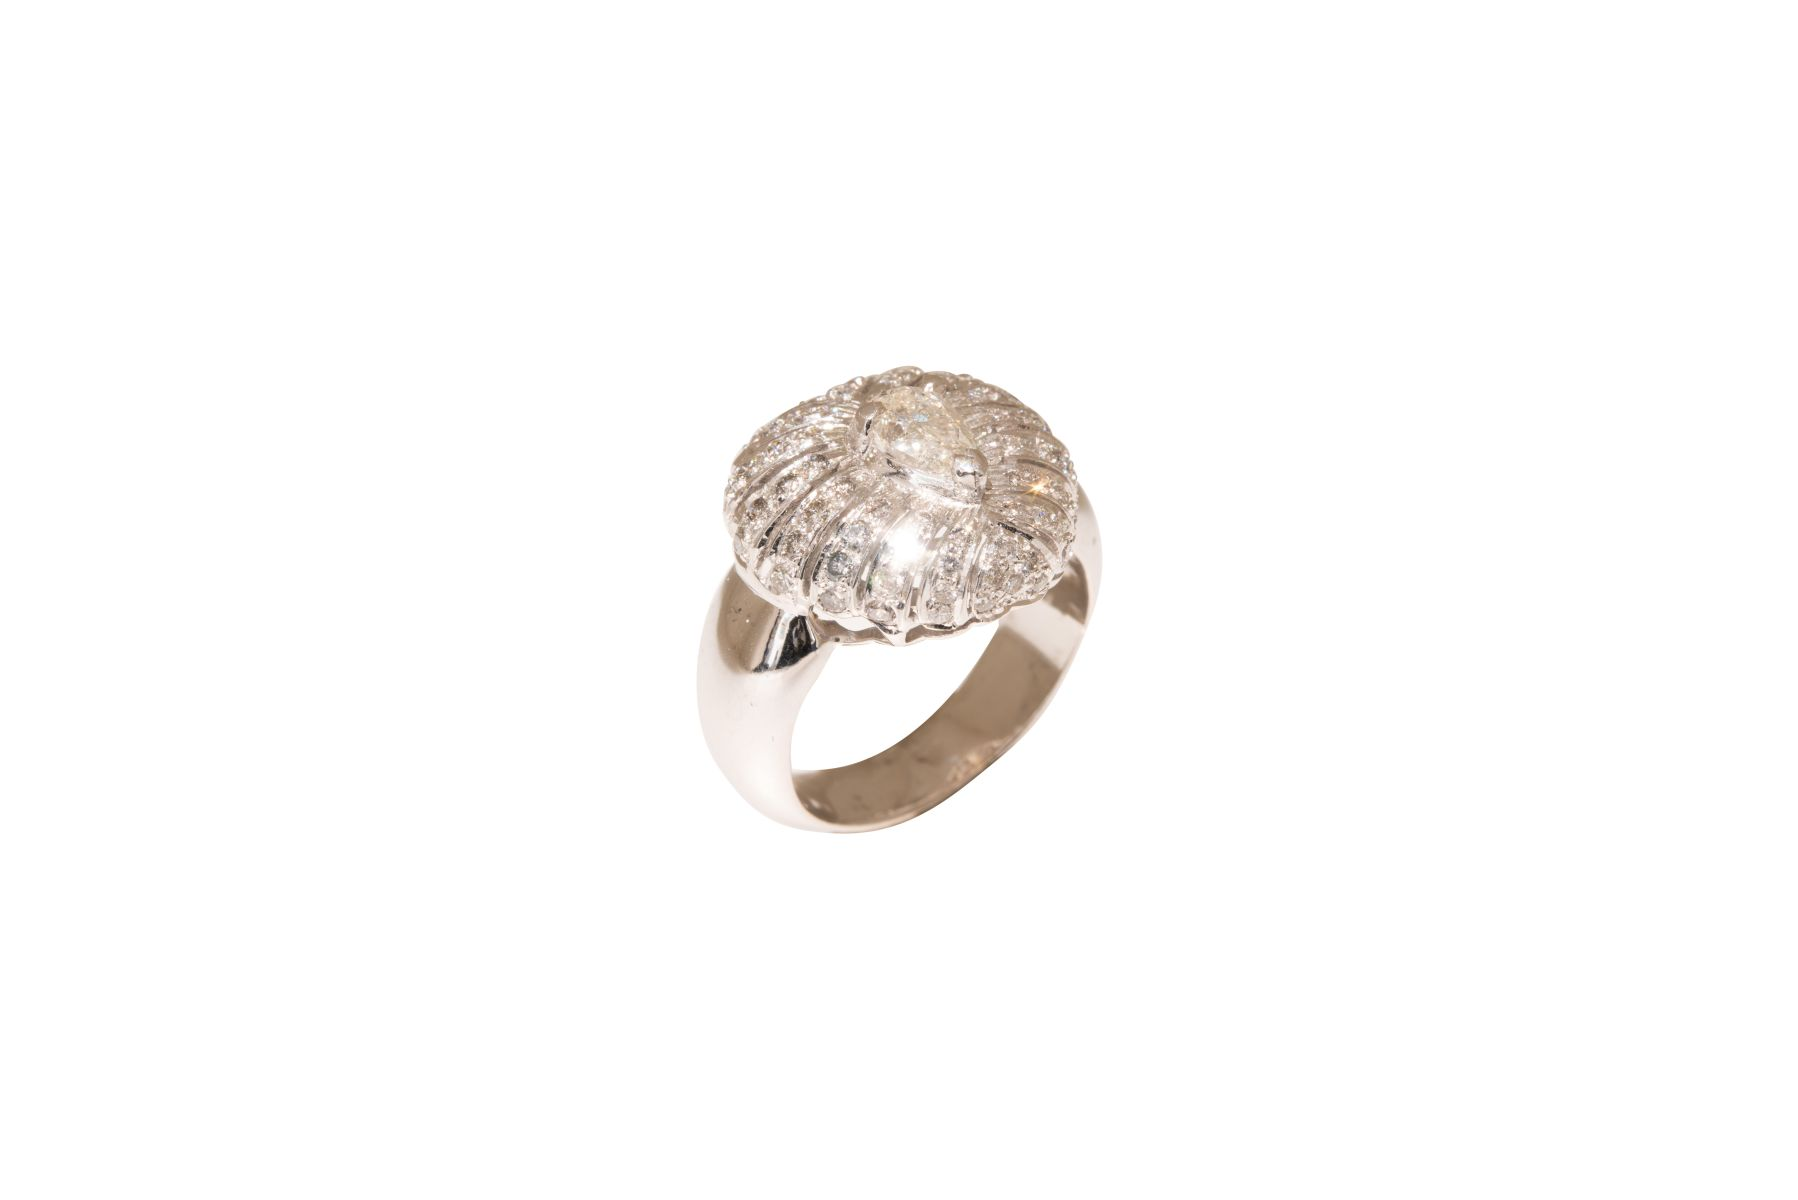 #170 Ring | Ring Image